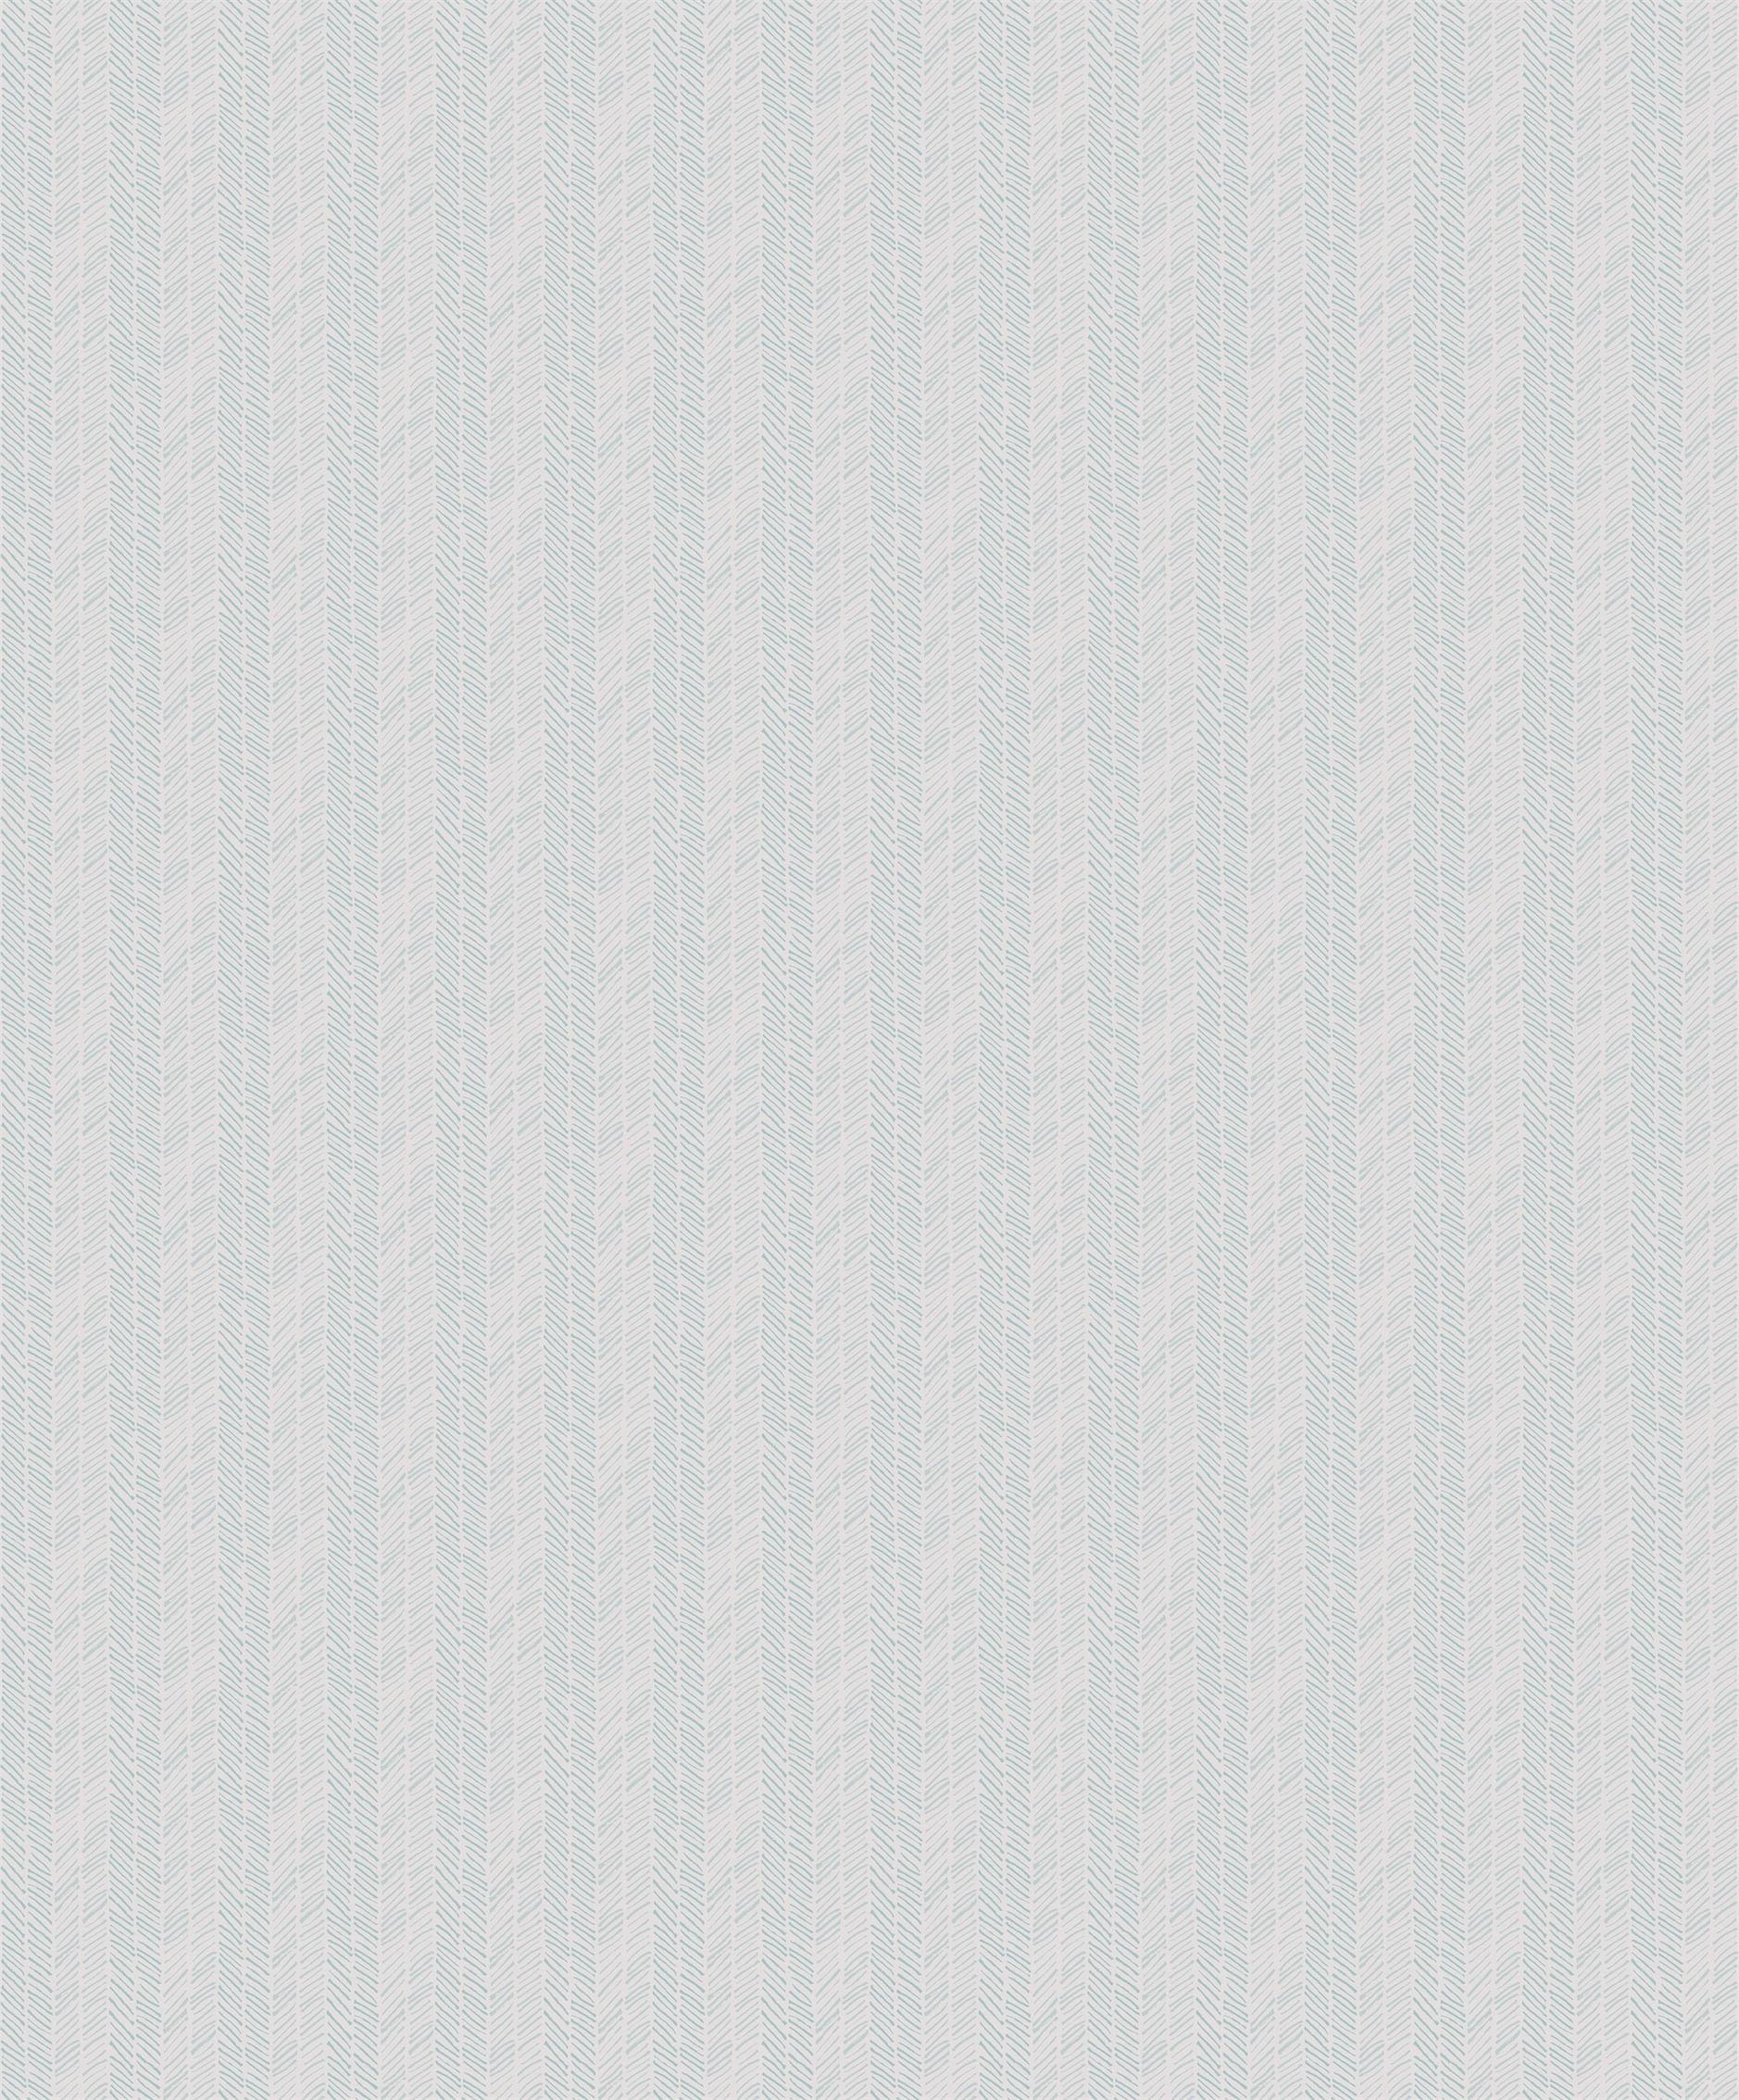 Papel de Parede Modern Maison Listras Invertidas MM557902 - Rolo: 10m x 0,52m